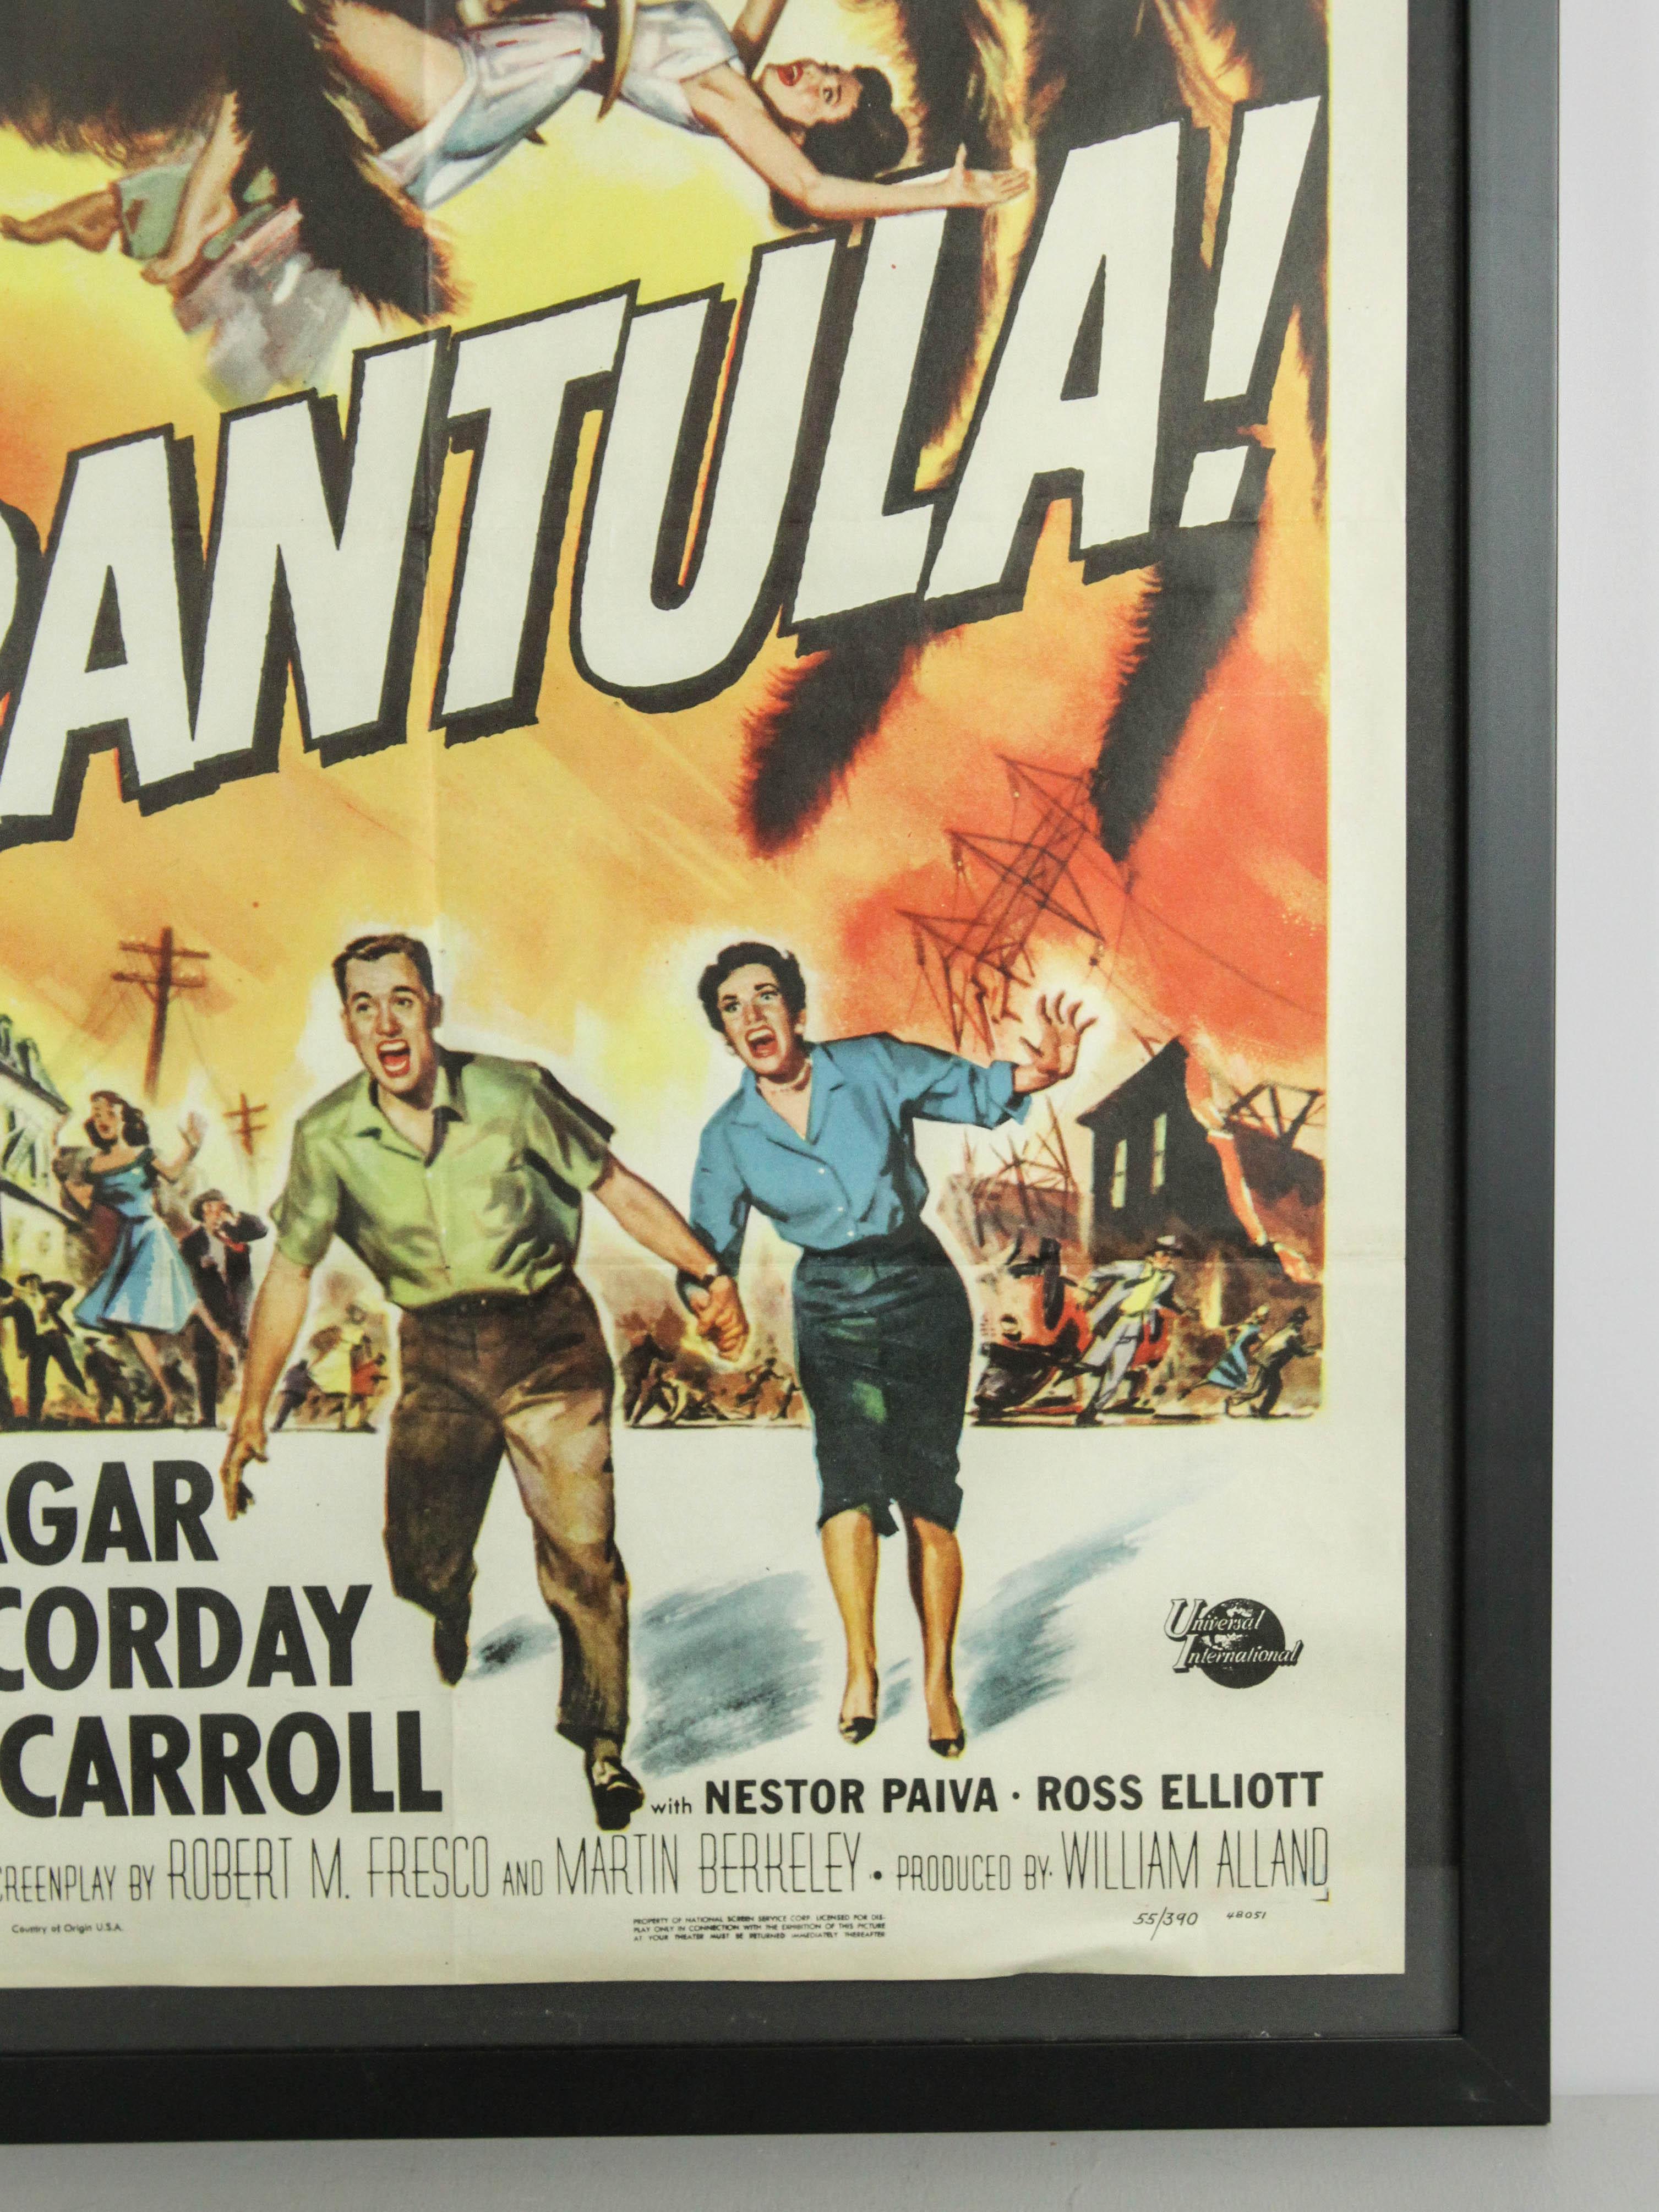 Tarantula Vintage Movie Poster